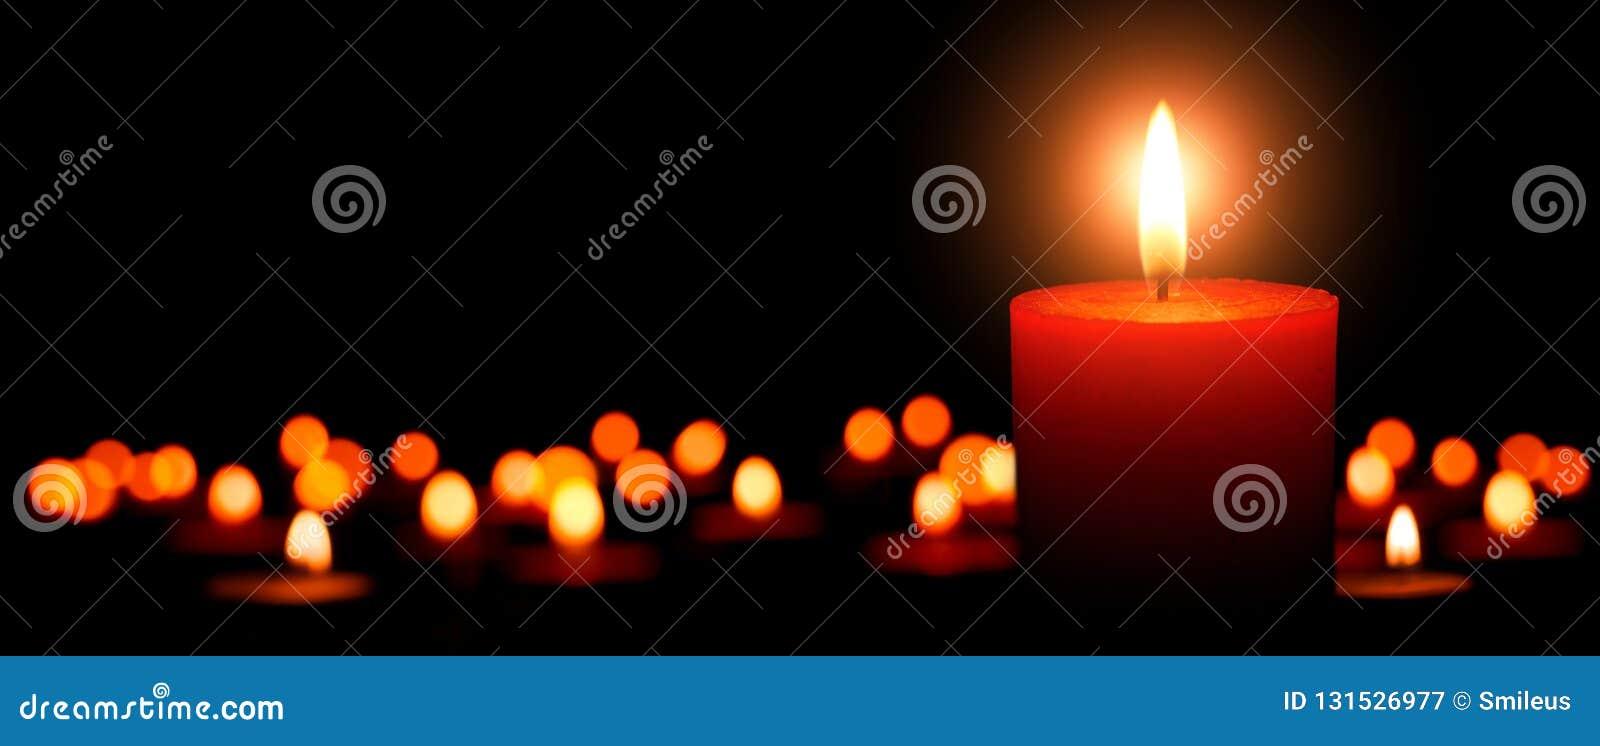 Κεριά εμφάνισης, μια φλόγα στο πρώτο πλάνο